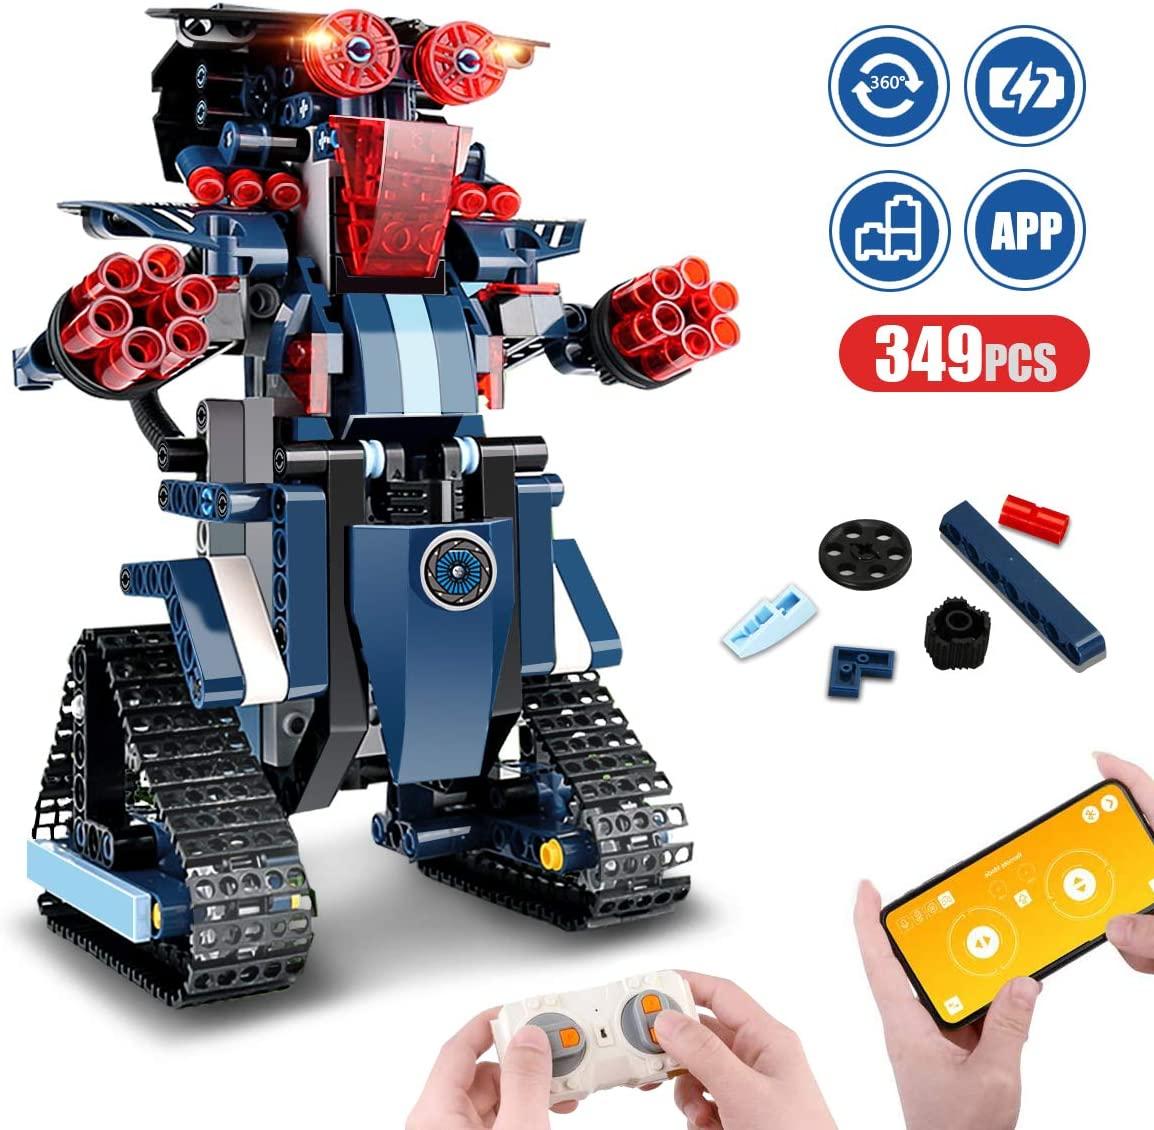 اللبنات روبوت للأطفال التحكم عن بعد الهندسة العلوم التعليمية بناء اللعب مجموعات للبنين والبنات 8-14 سنة